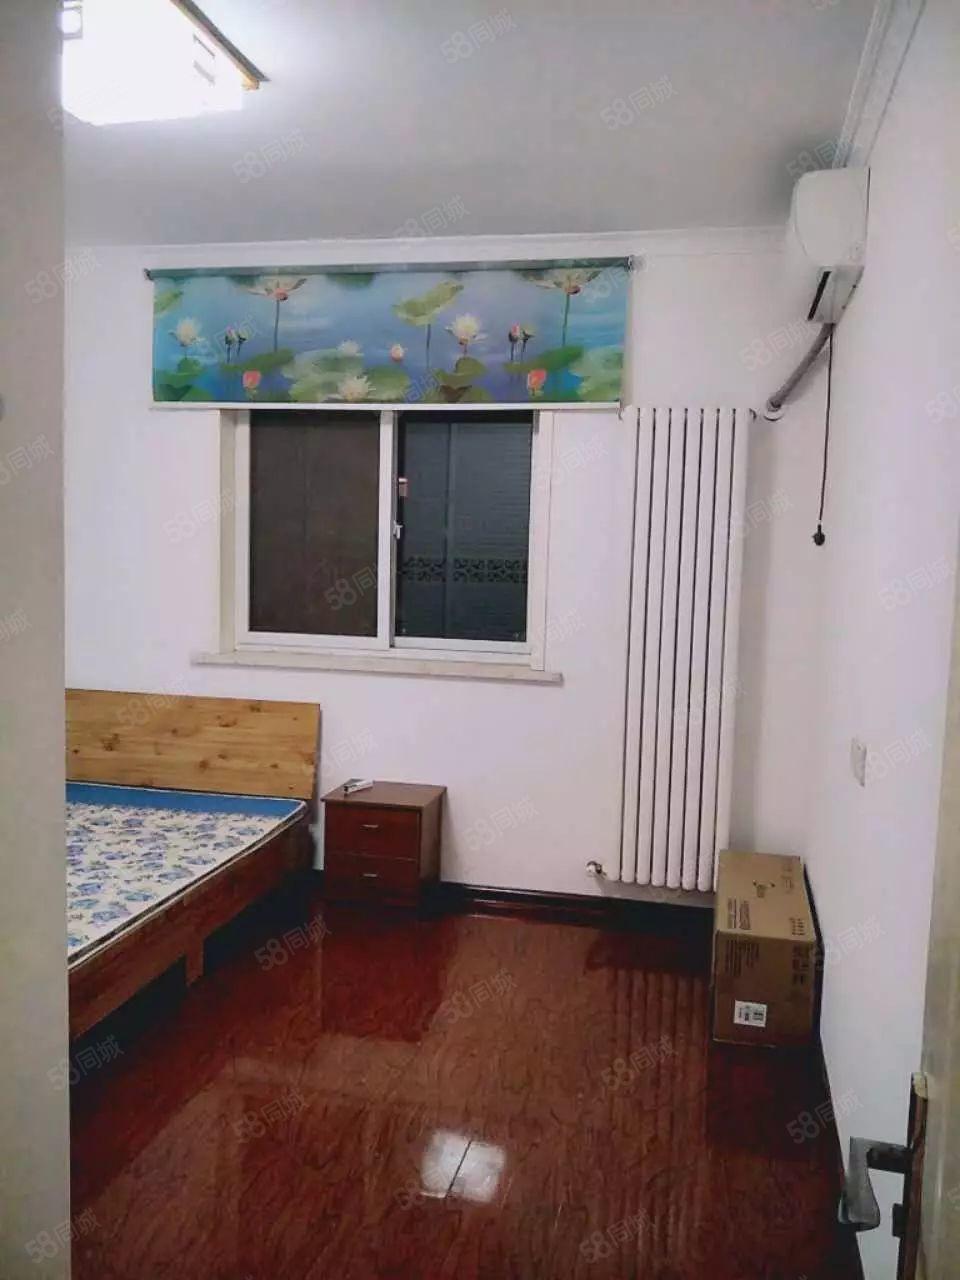 远大理想城,精装两室,设施齐全可做饭,超大房间百闻不如一见